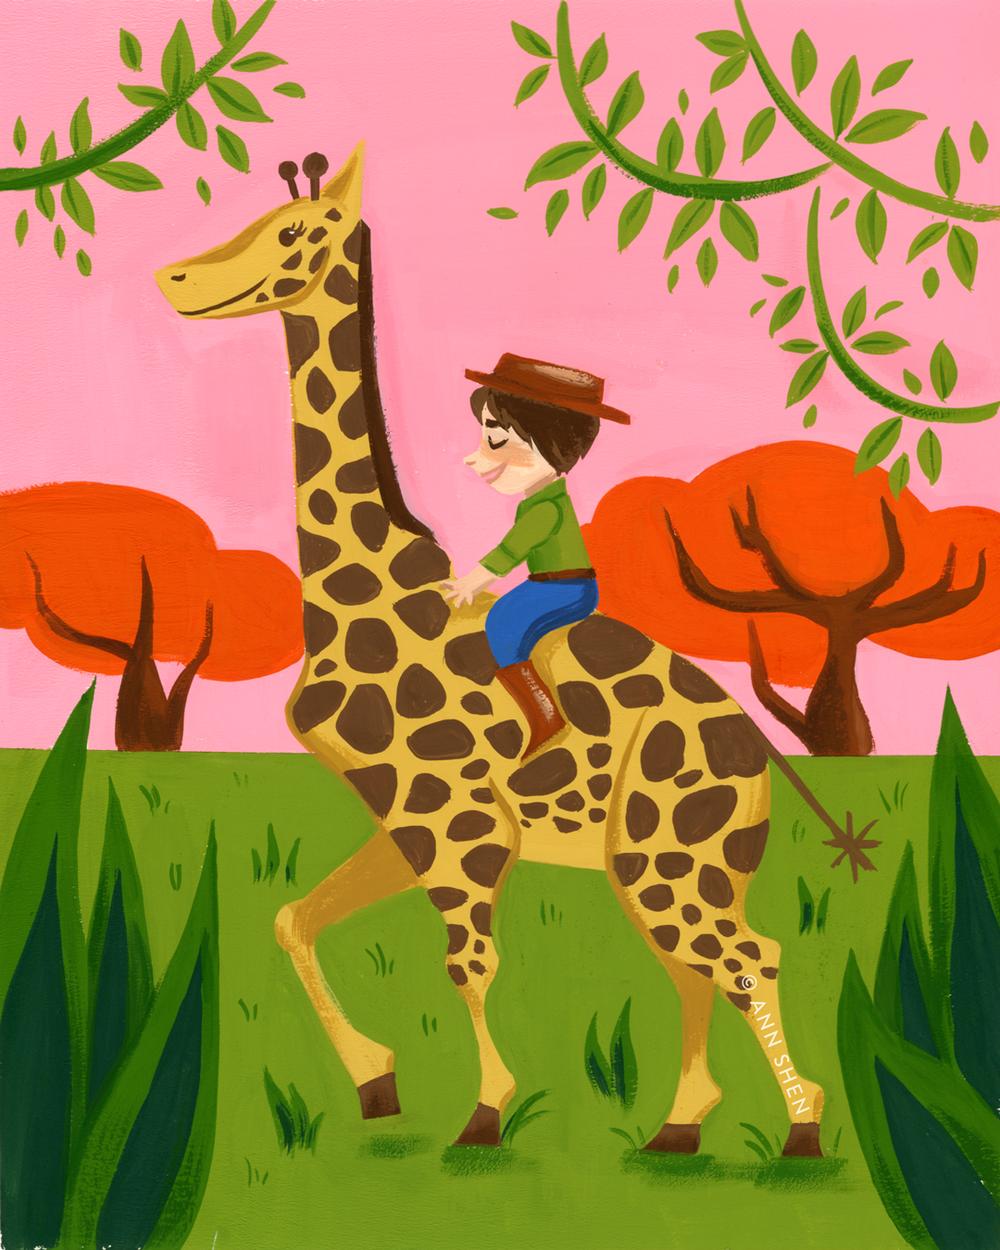 171202_GiraffeRider.png